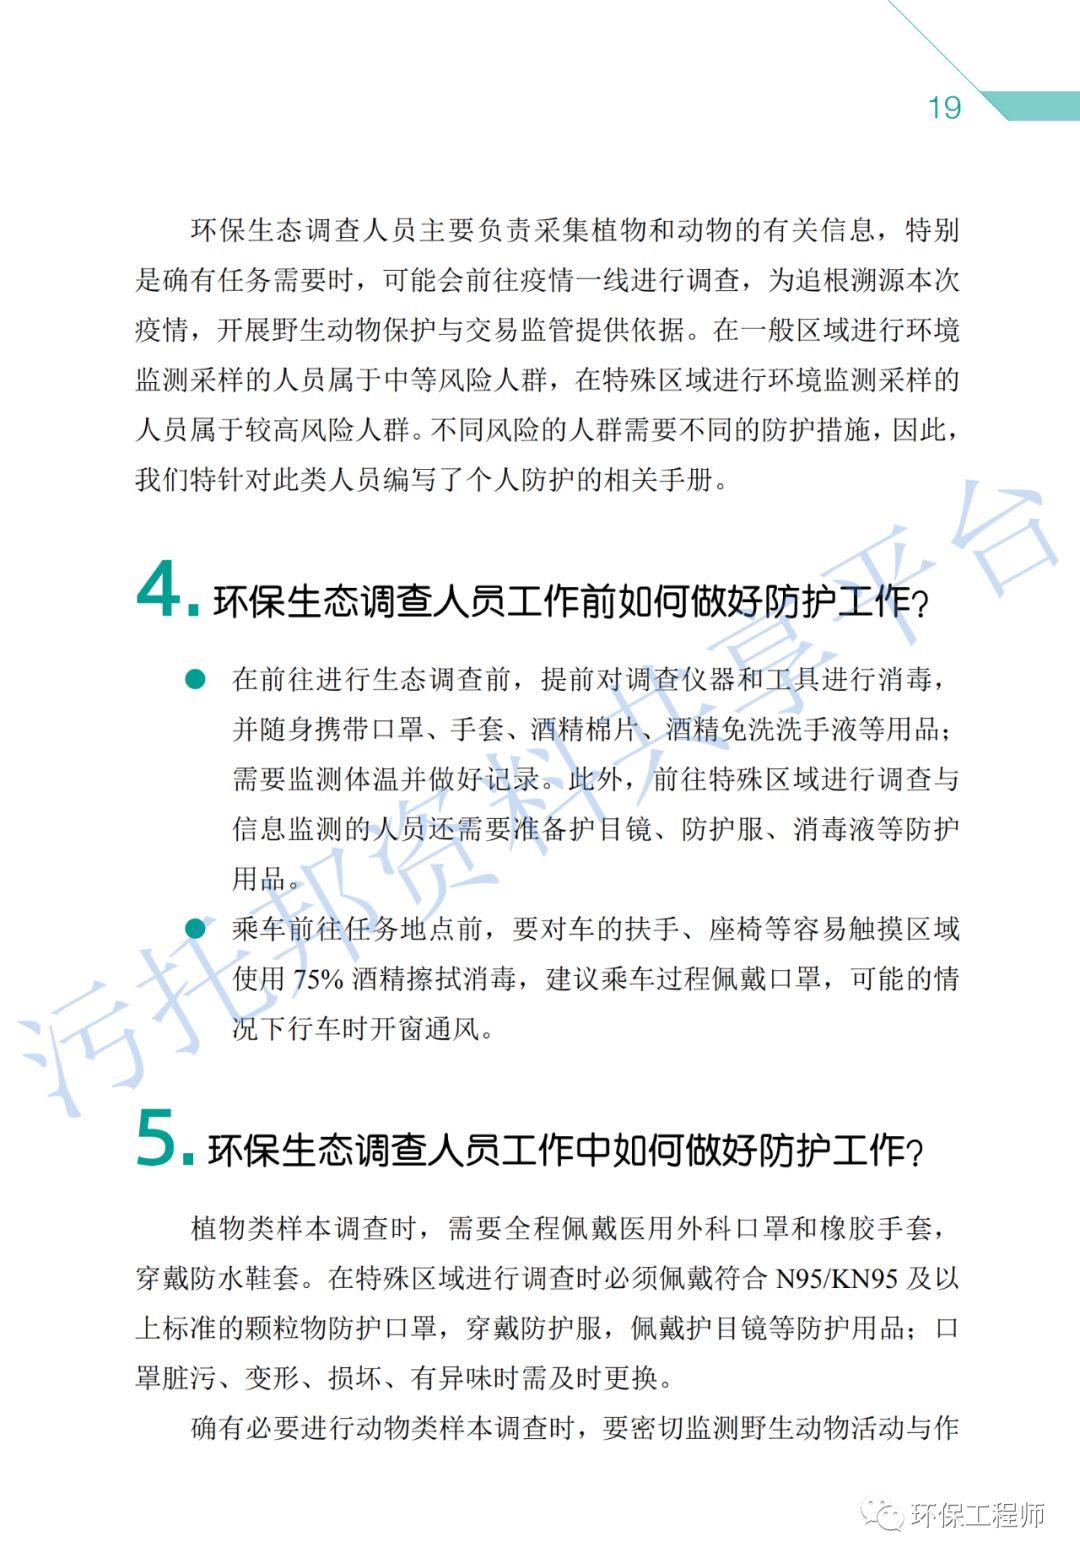 《环保从业人员新型冠状病毒疫情防护手册》_8